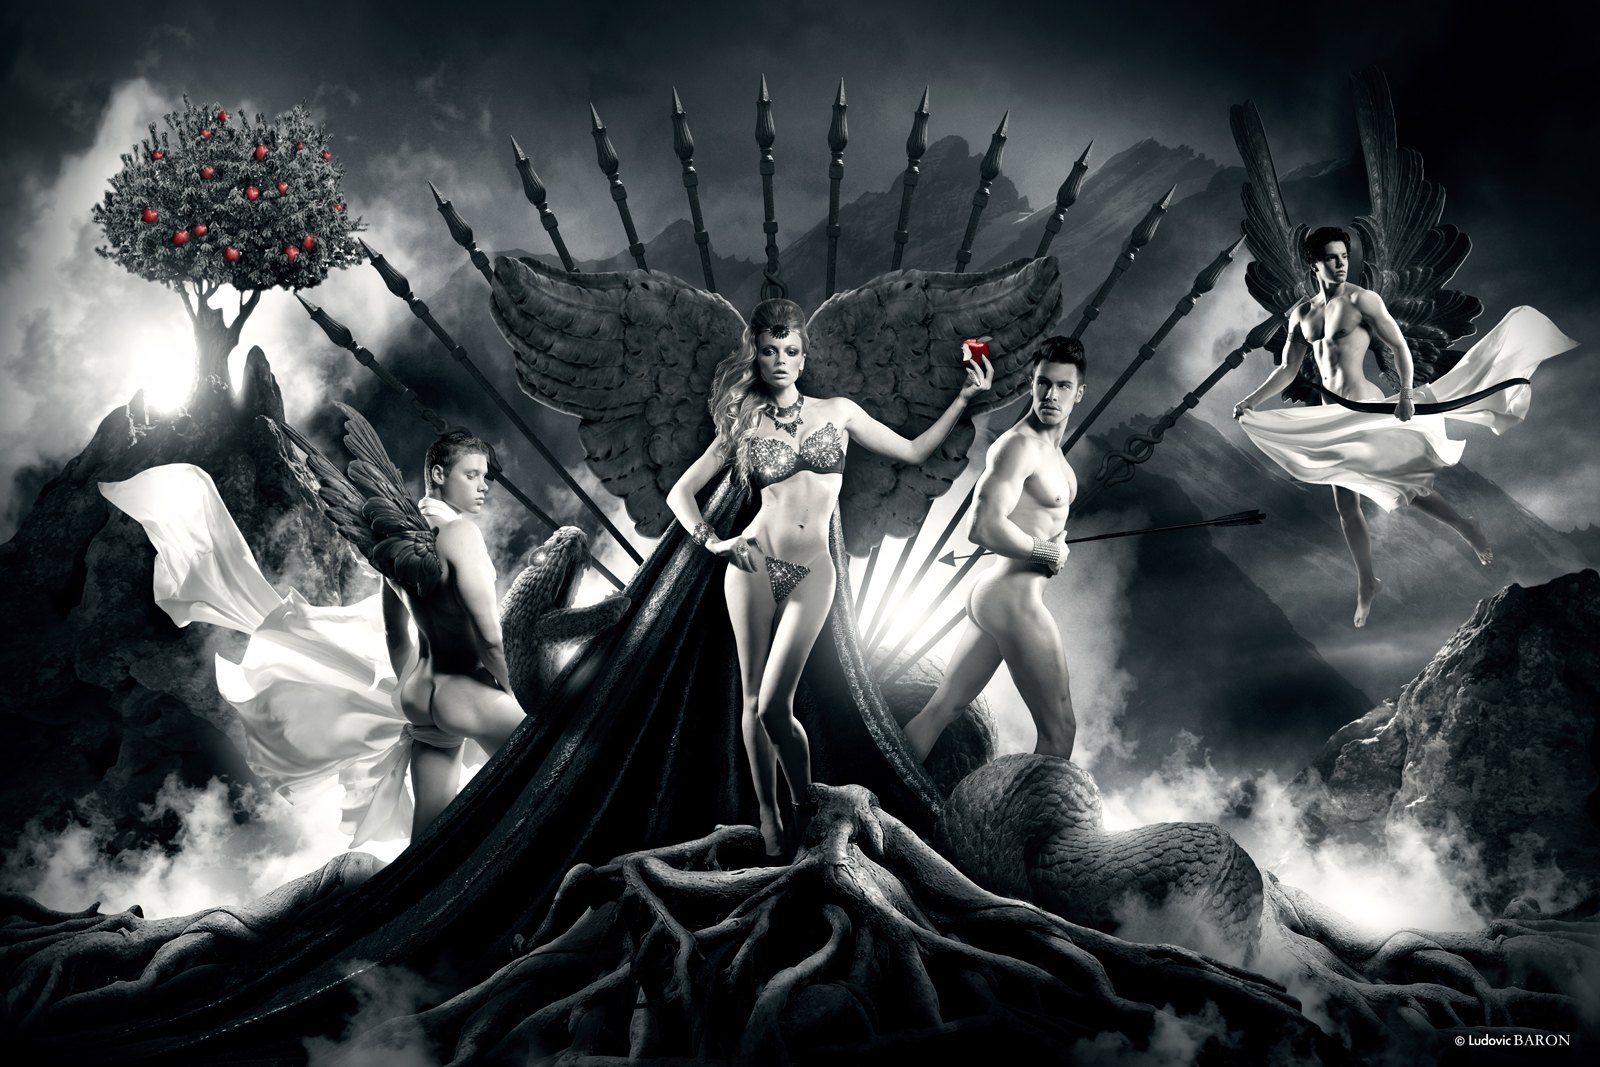 Tableau Eve et ses courtisans - Photographe Ludovic Baron 2013 (c) WEB